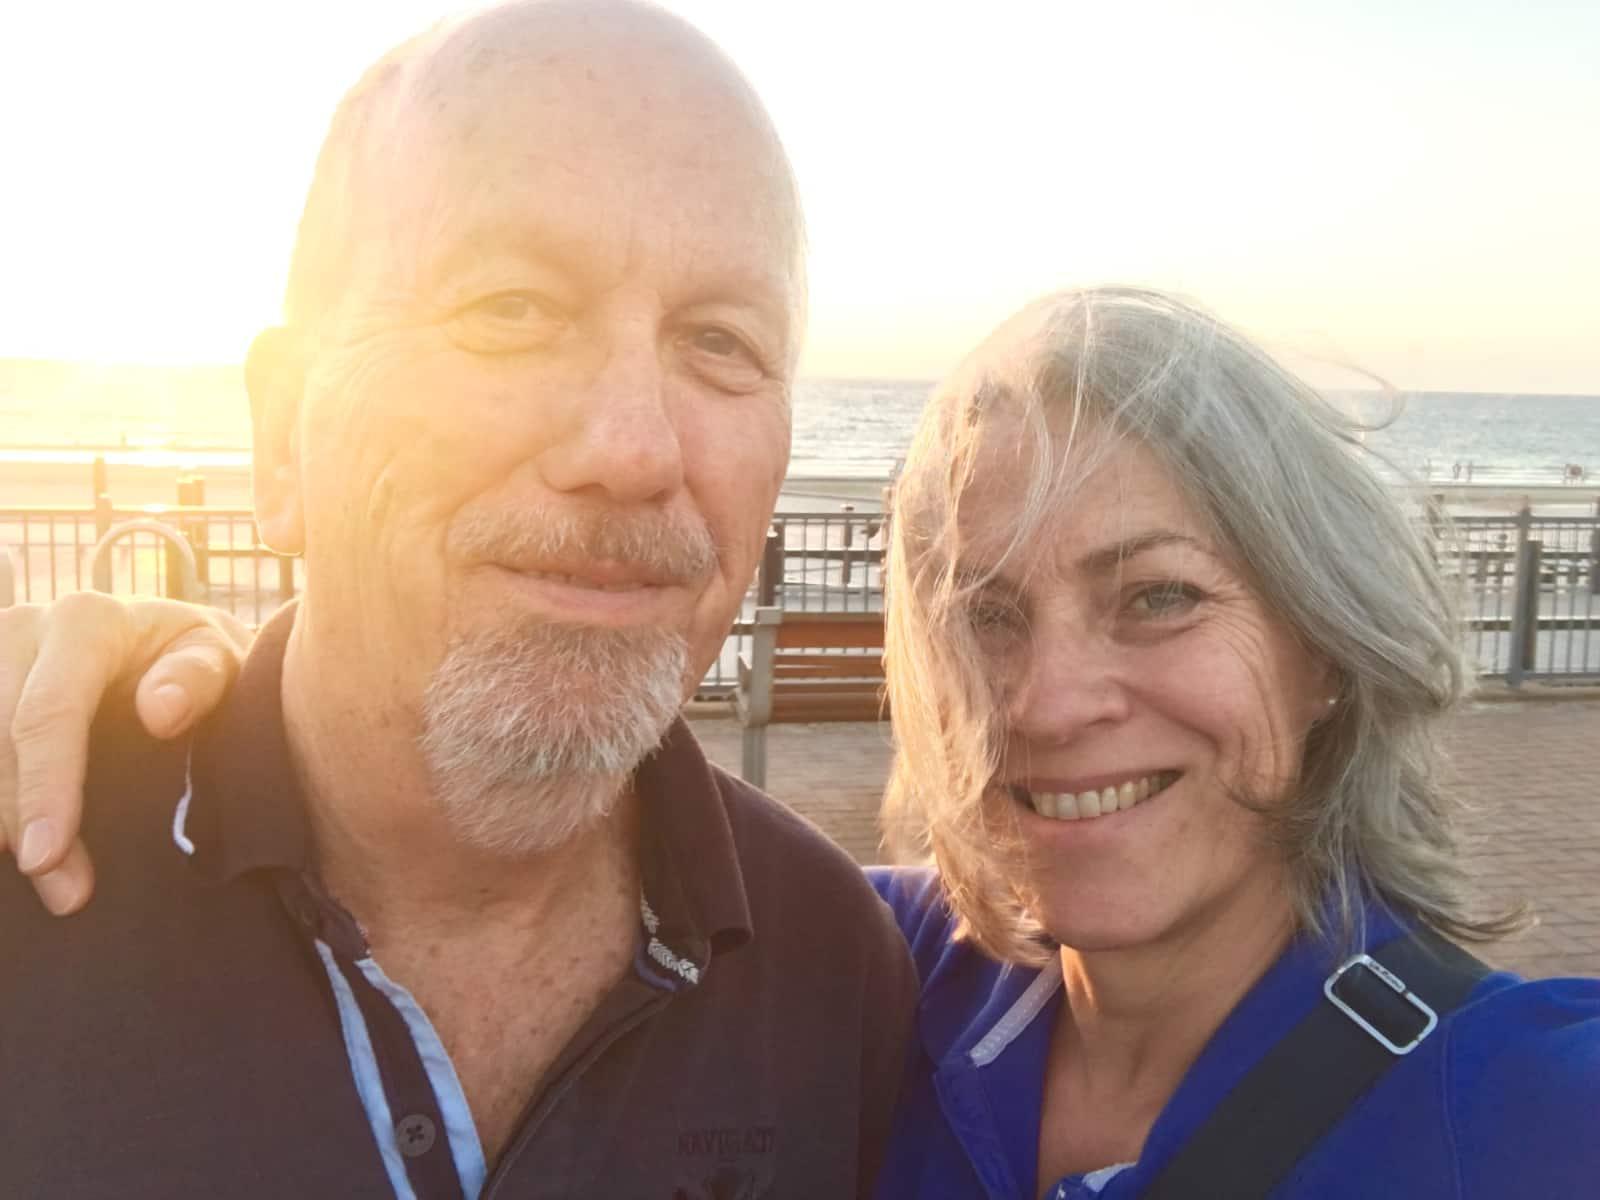 Suzanne & Brett from Vienna, Austria